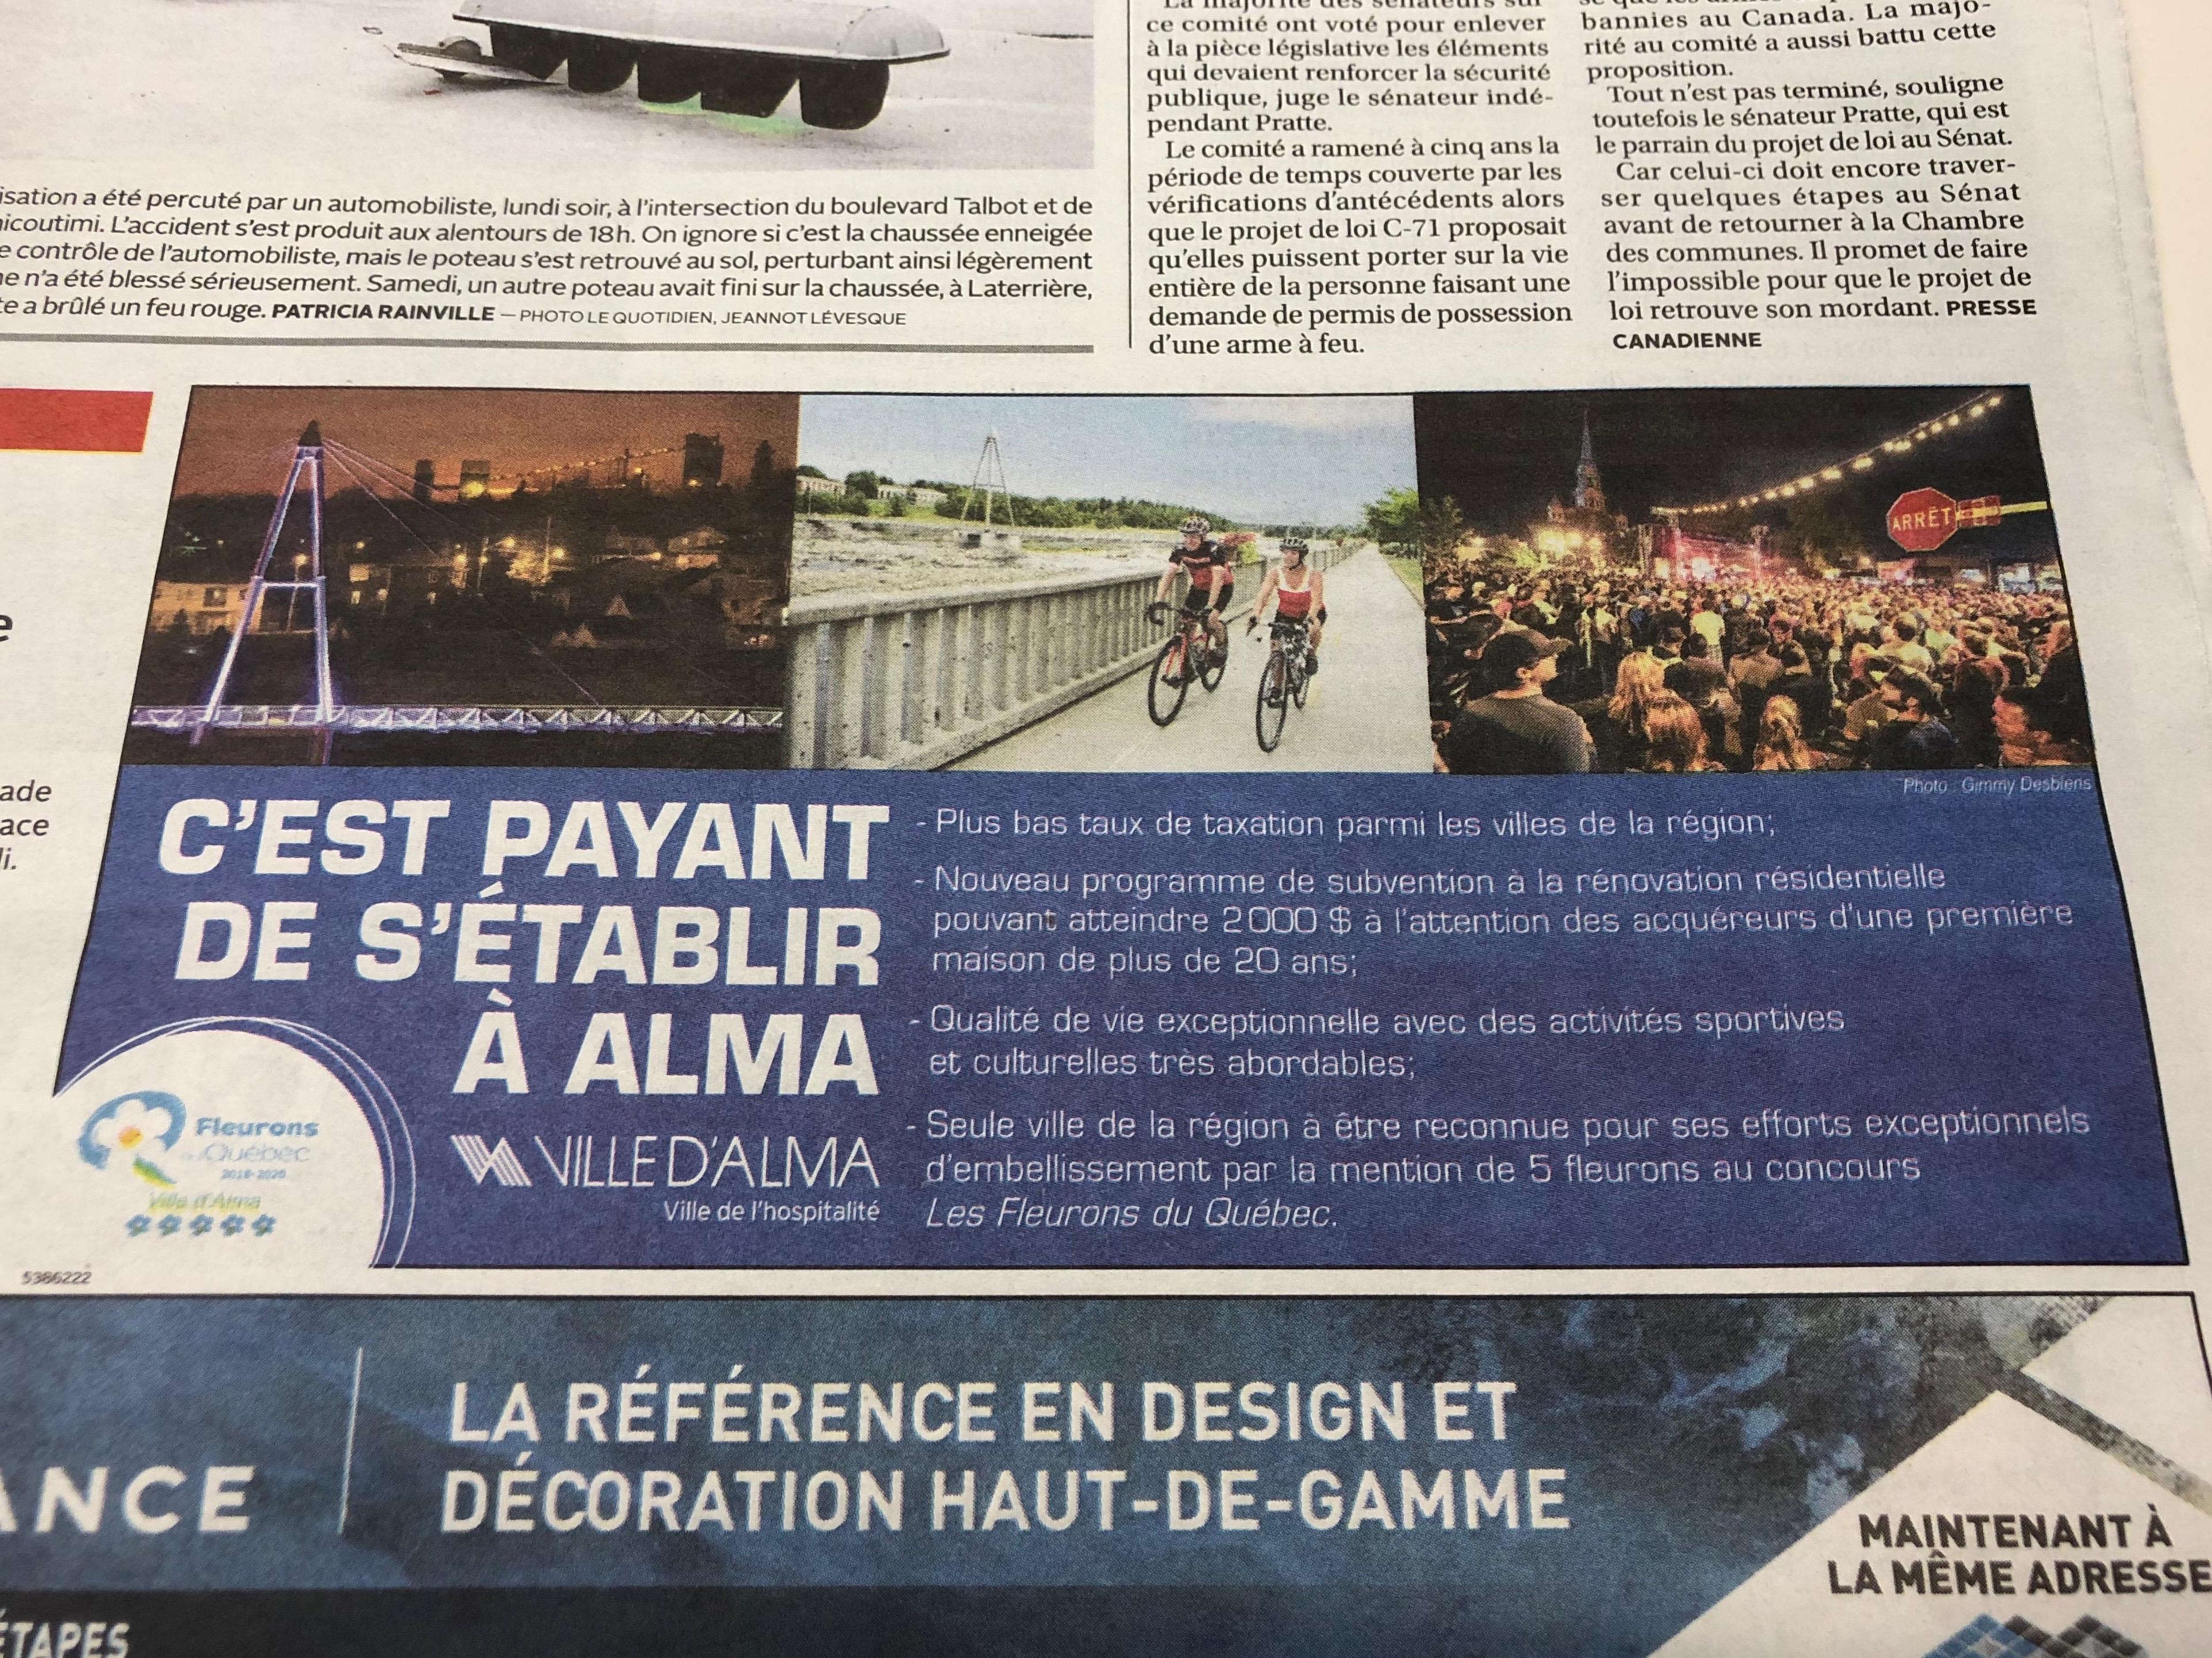 Image d'une page de journal affichant l'encart publicitaire «C'est payant s'établir à Alma».